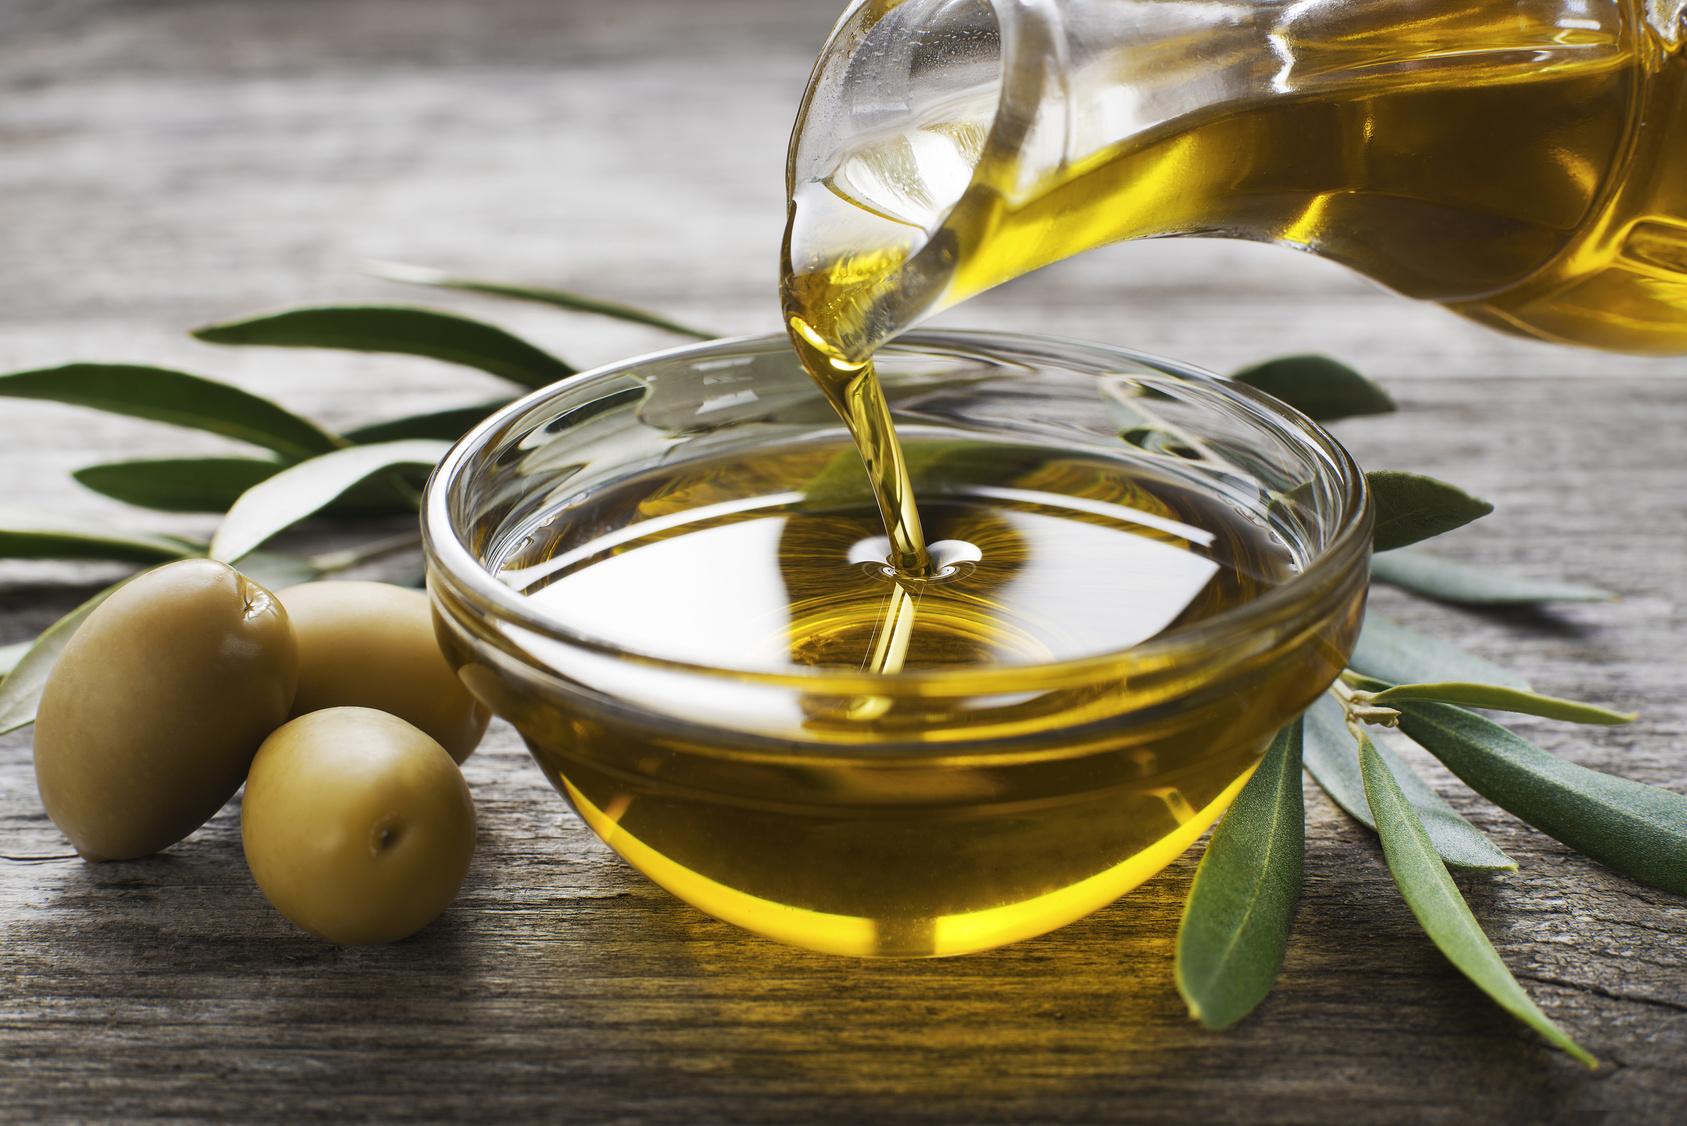 Через три года Казахстан сможет экспортировать только готовое масло